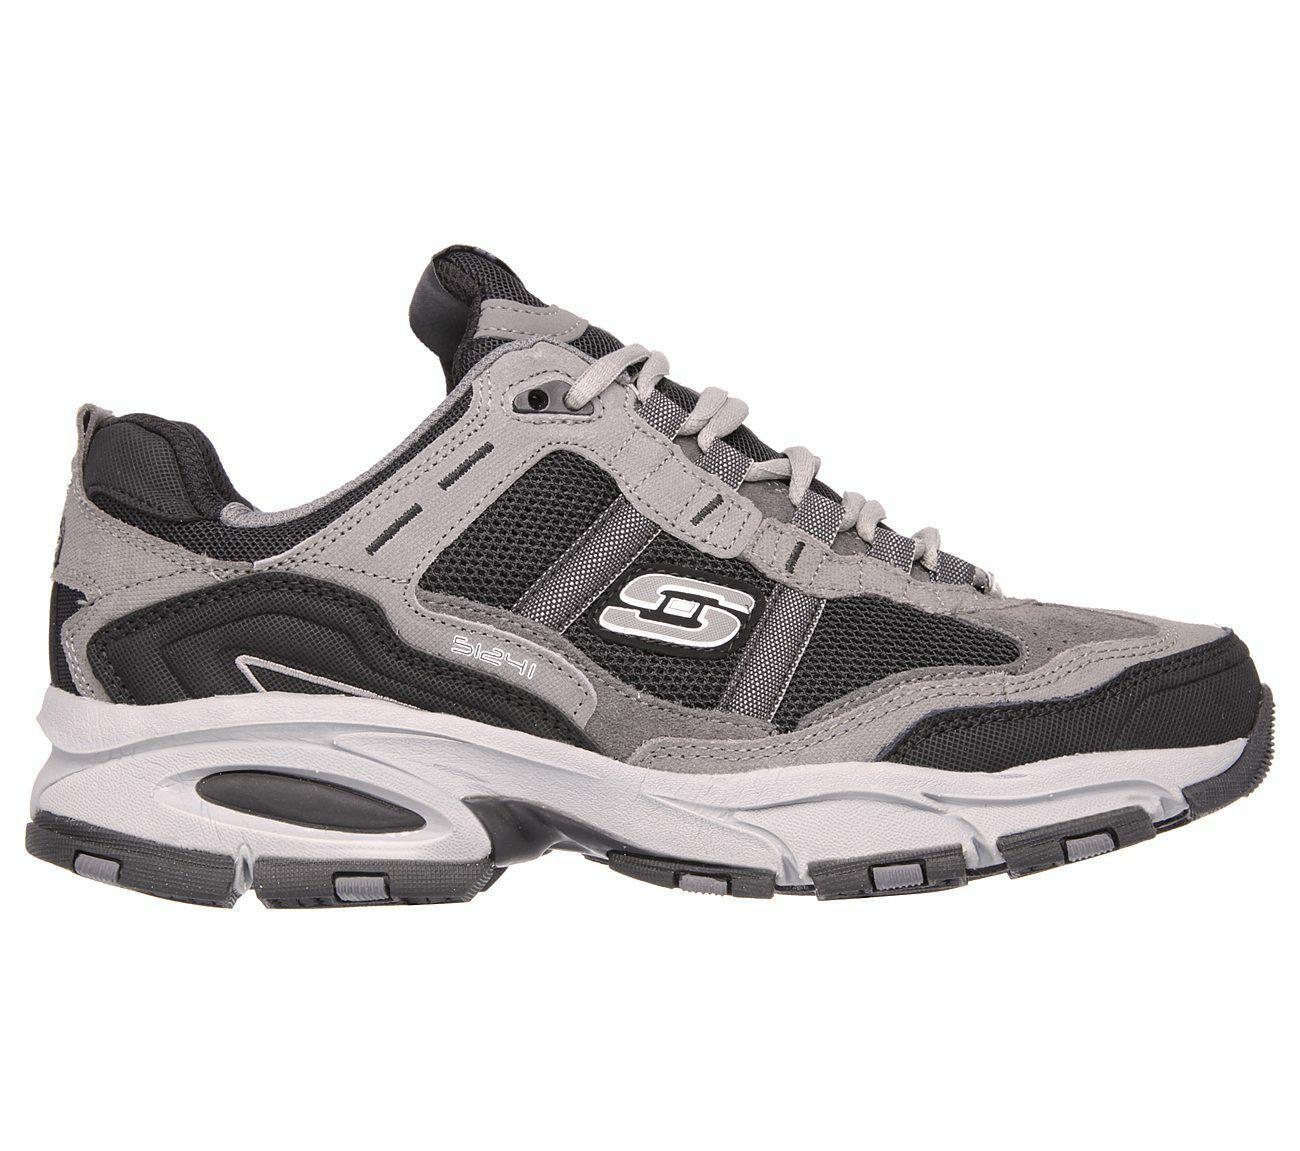 Skechers Wide Width shoes Men's Memory Foam Sport Comfort Sneaker 51241 EW CCBK